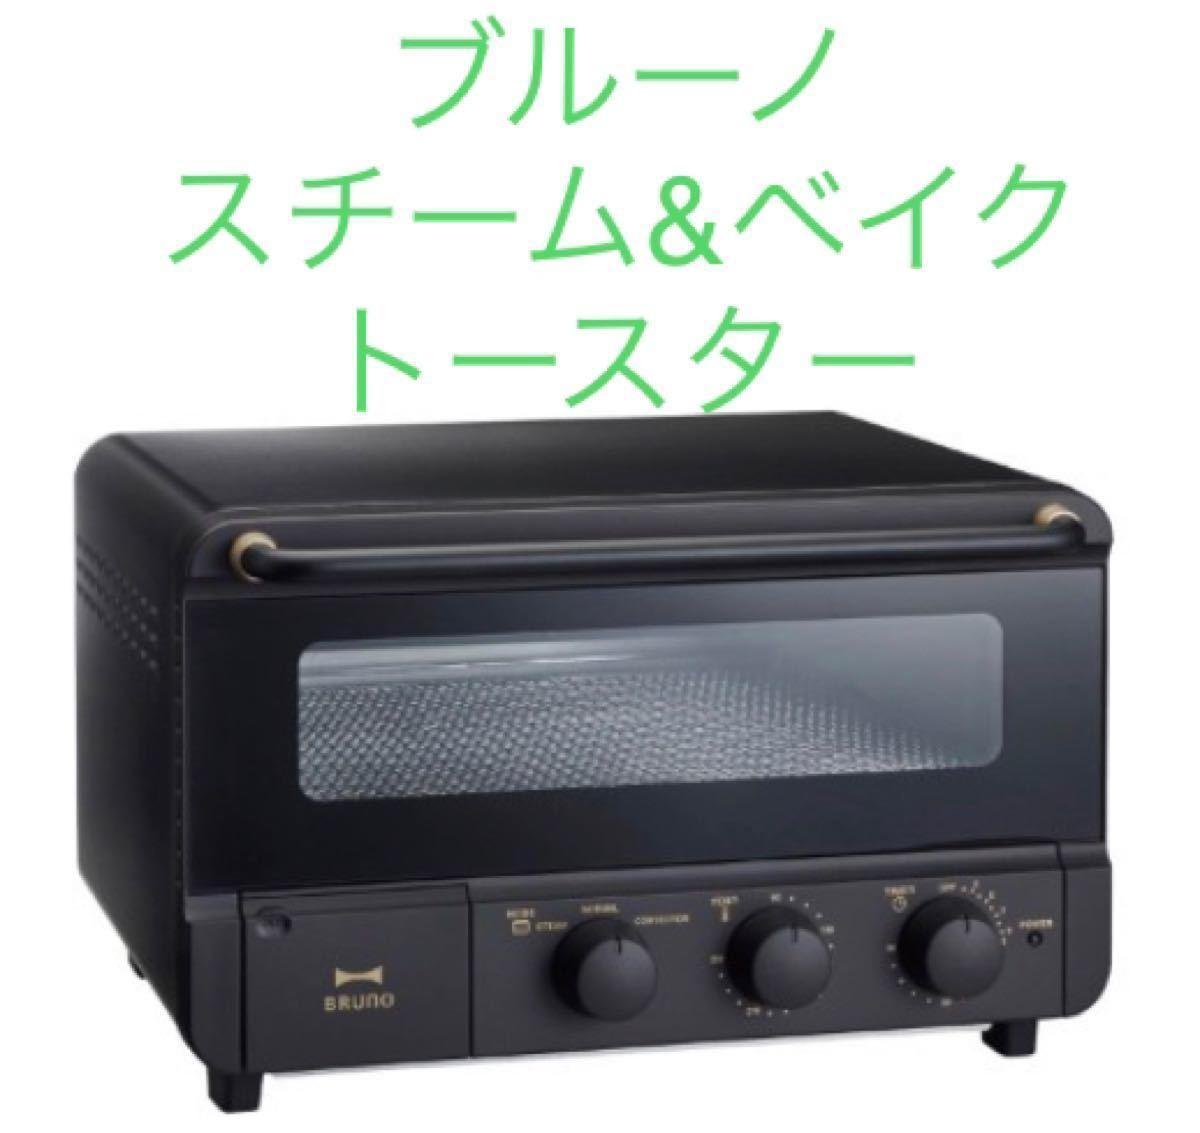 ブルーノ スチームオーブントースター BOE067-BK  新品未開封